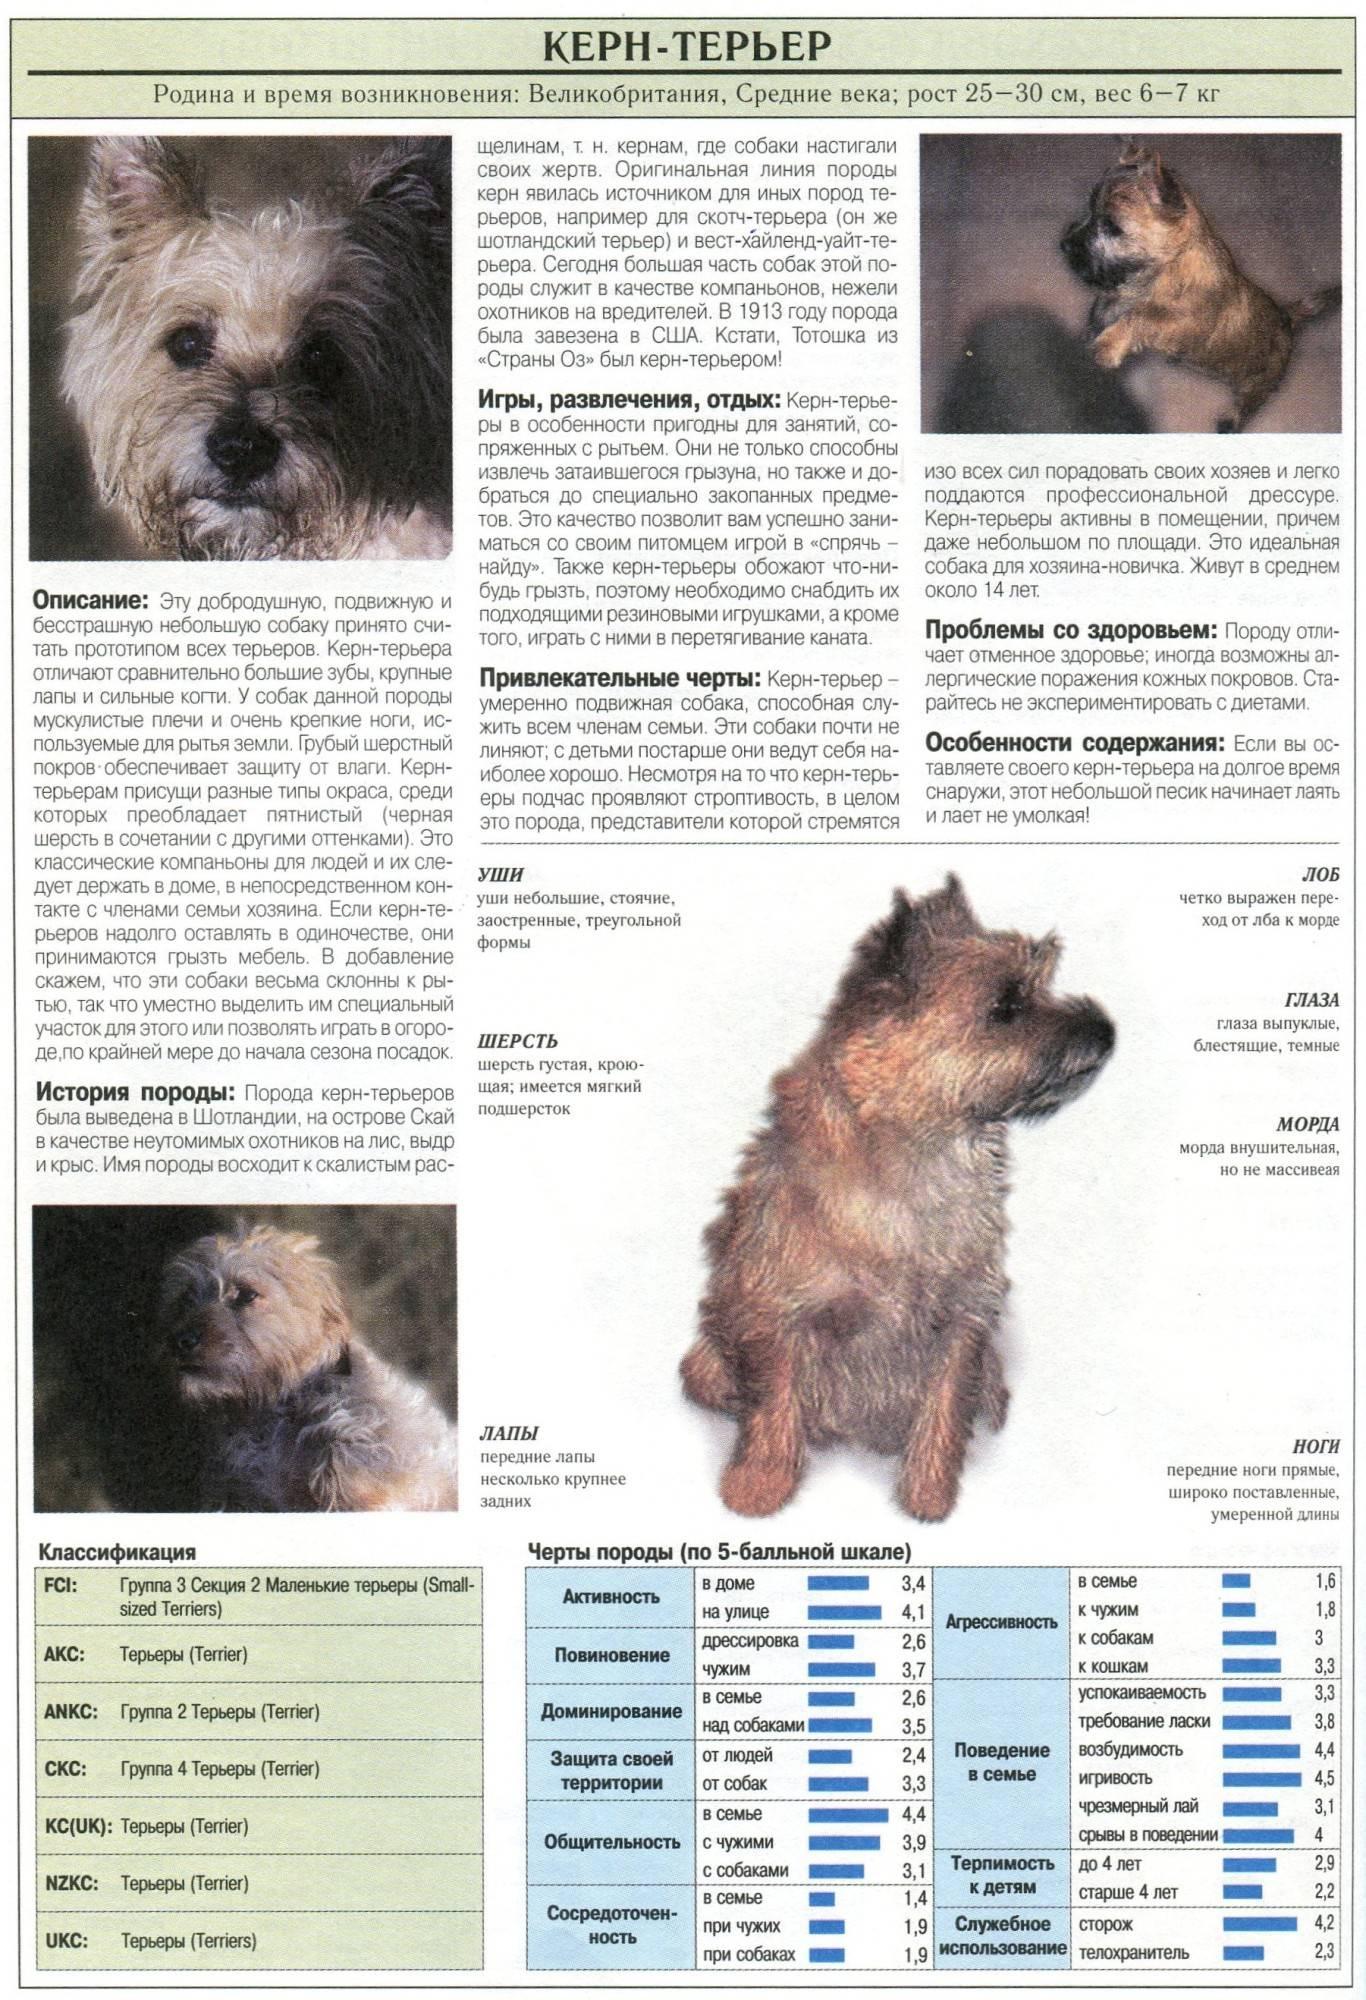 Керн терьер: описание породы, содержание и уход, стоимость в питомниках